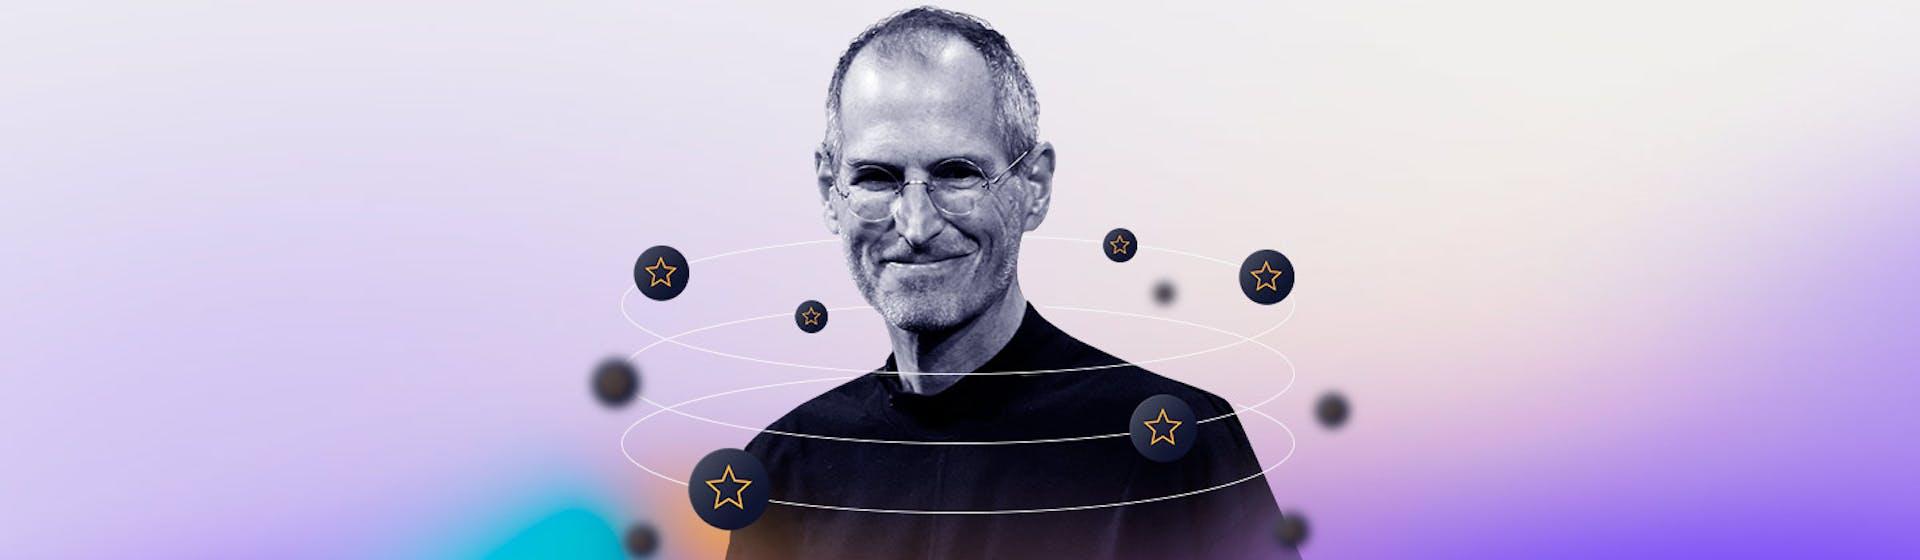 Los 5 grandes consejos de Steve Jobs para mejorar la productividad, la creatividad y el liderazgo